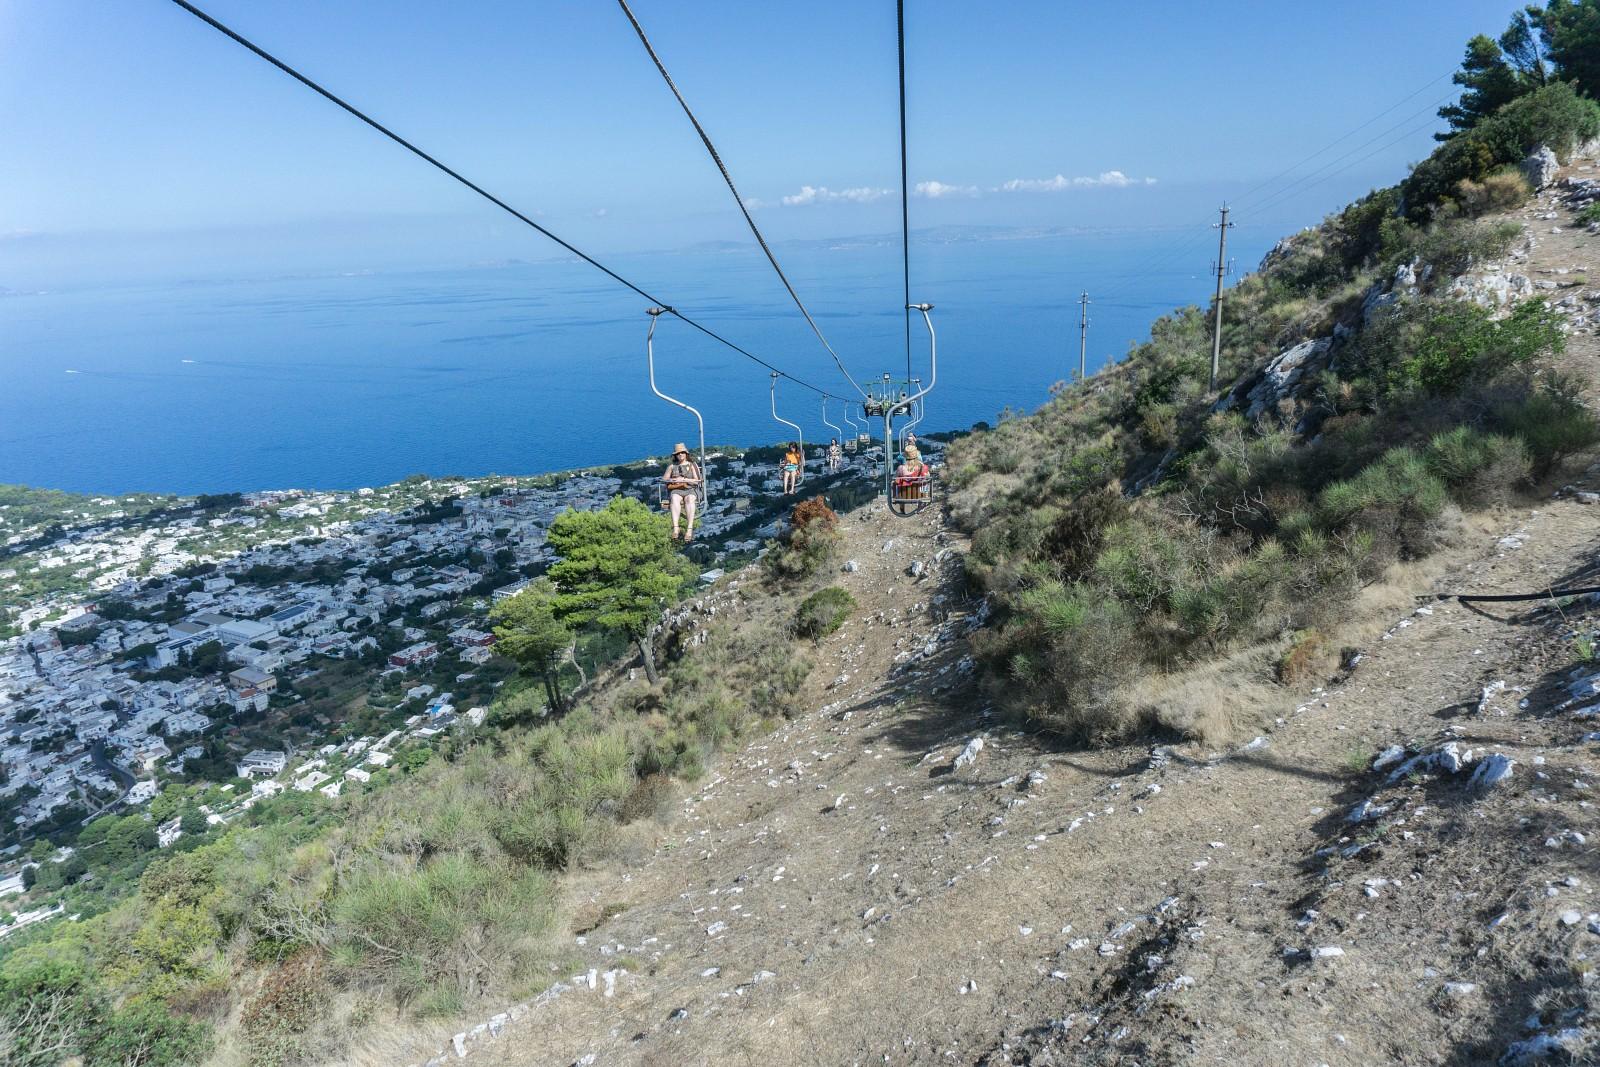 Télésiège, Capri